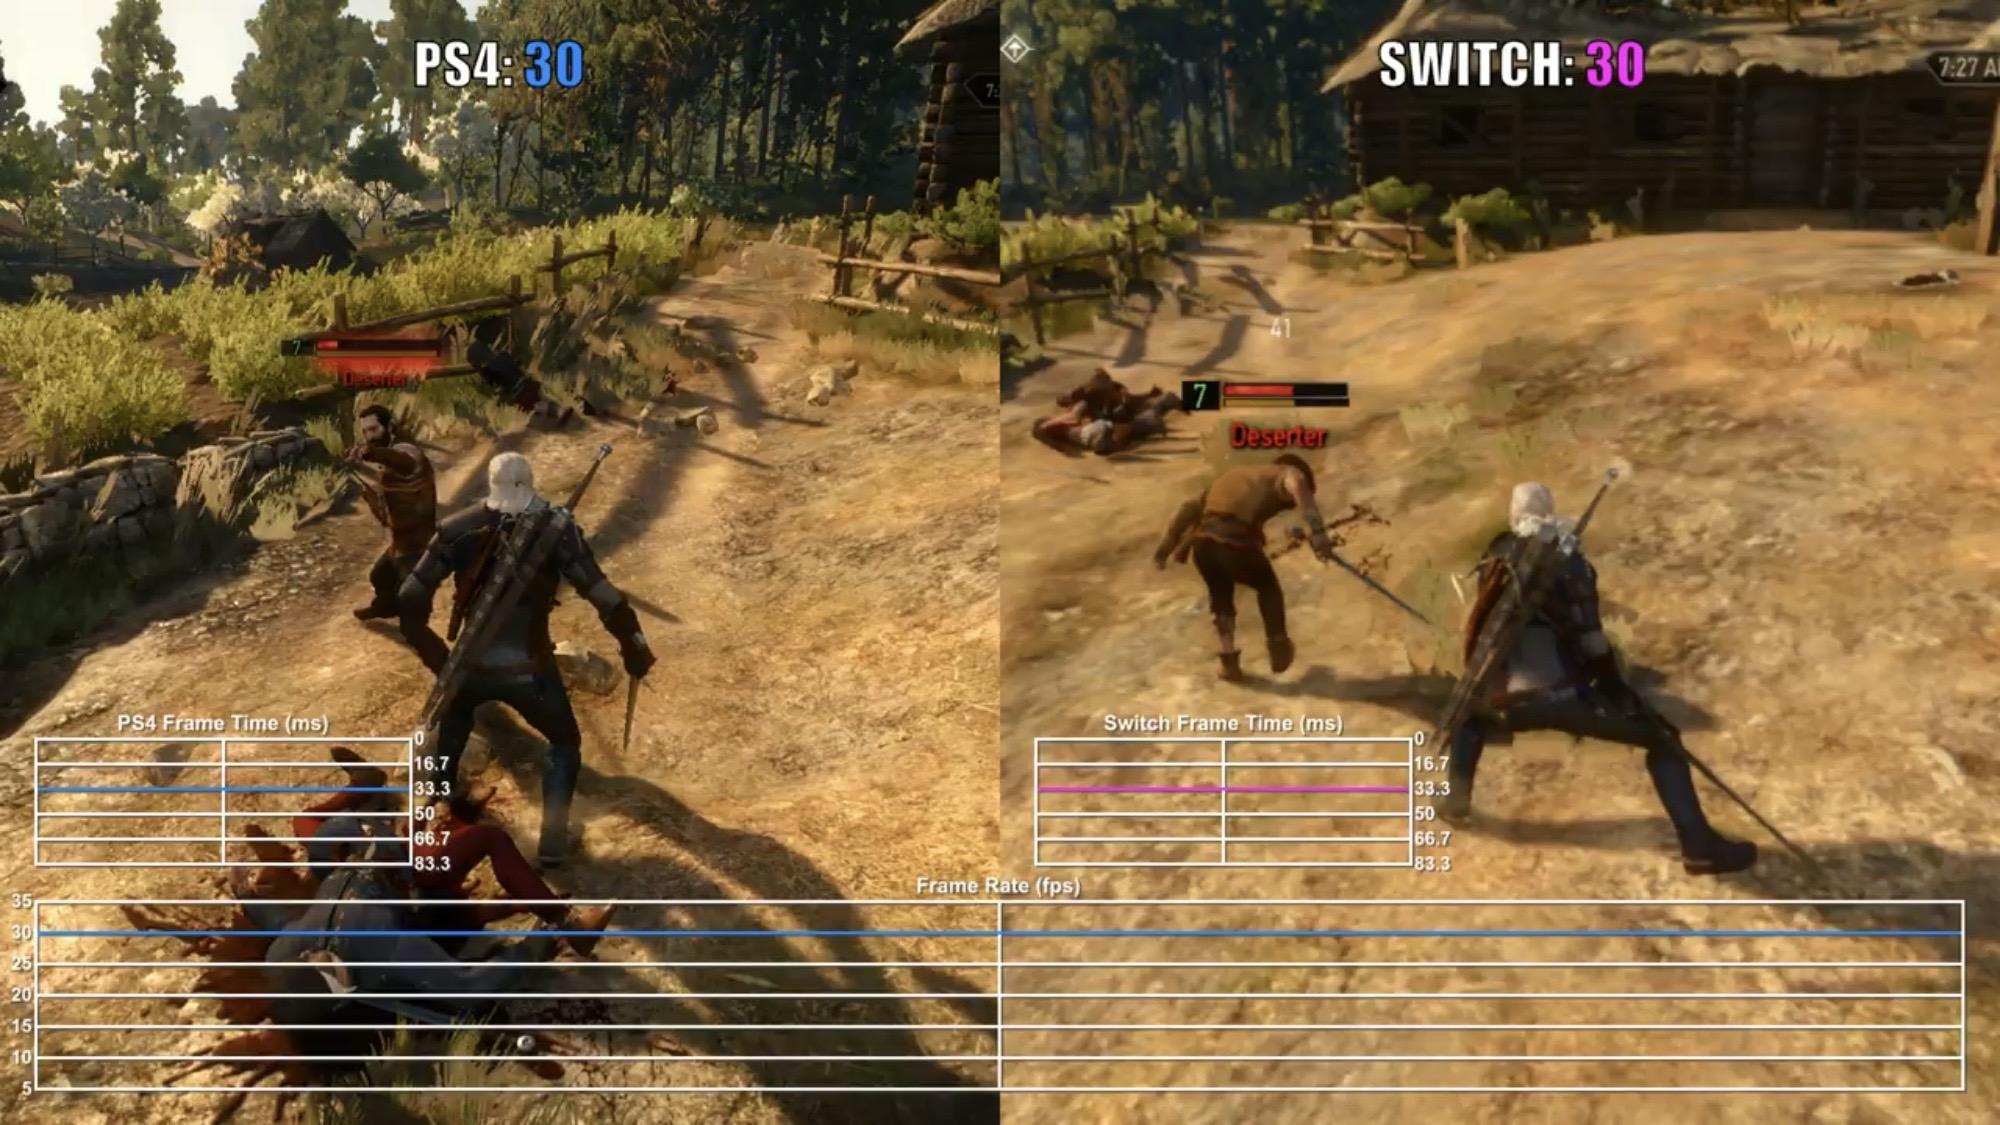 ウィッチャー3のSwitch vs PS4のフレームレート比較が到着。30fpsで安定していることが判明!